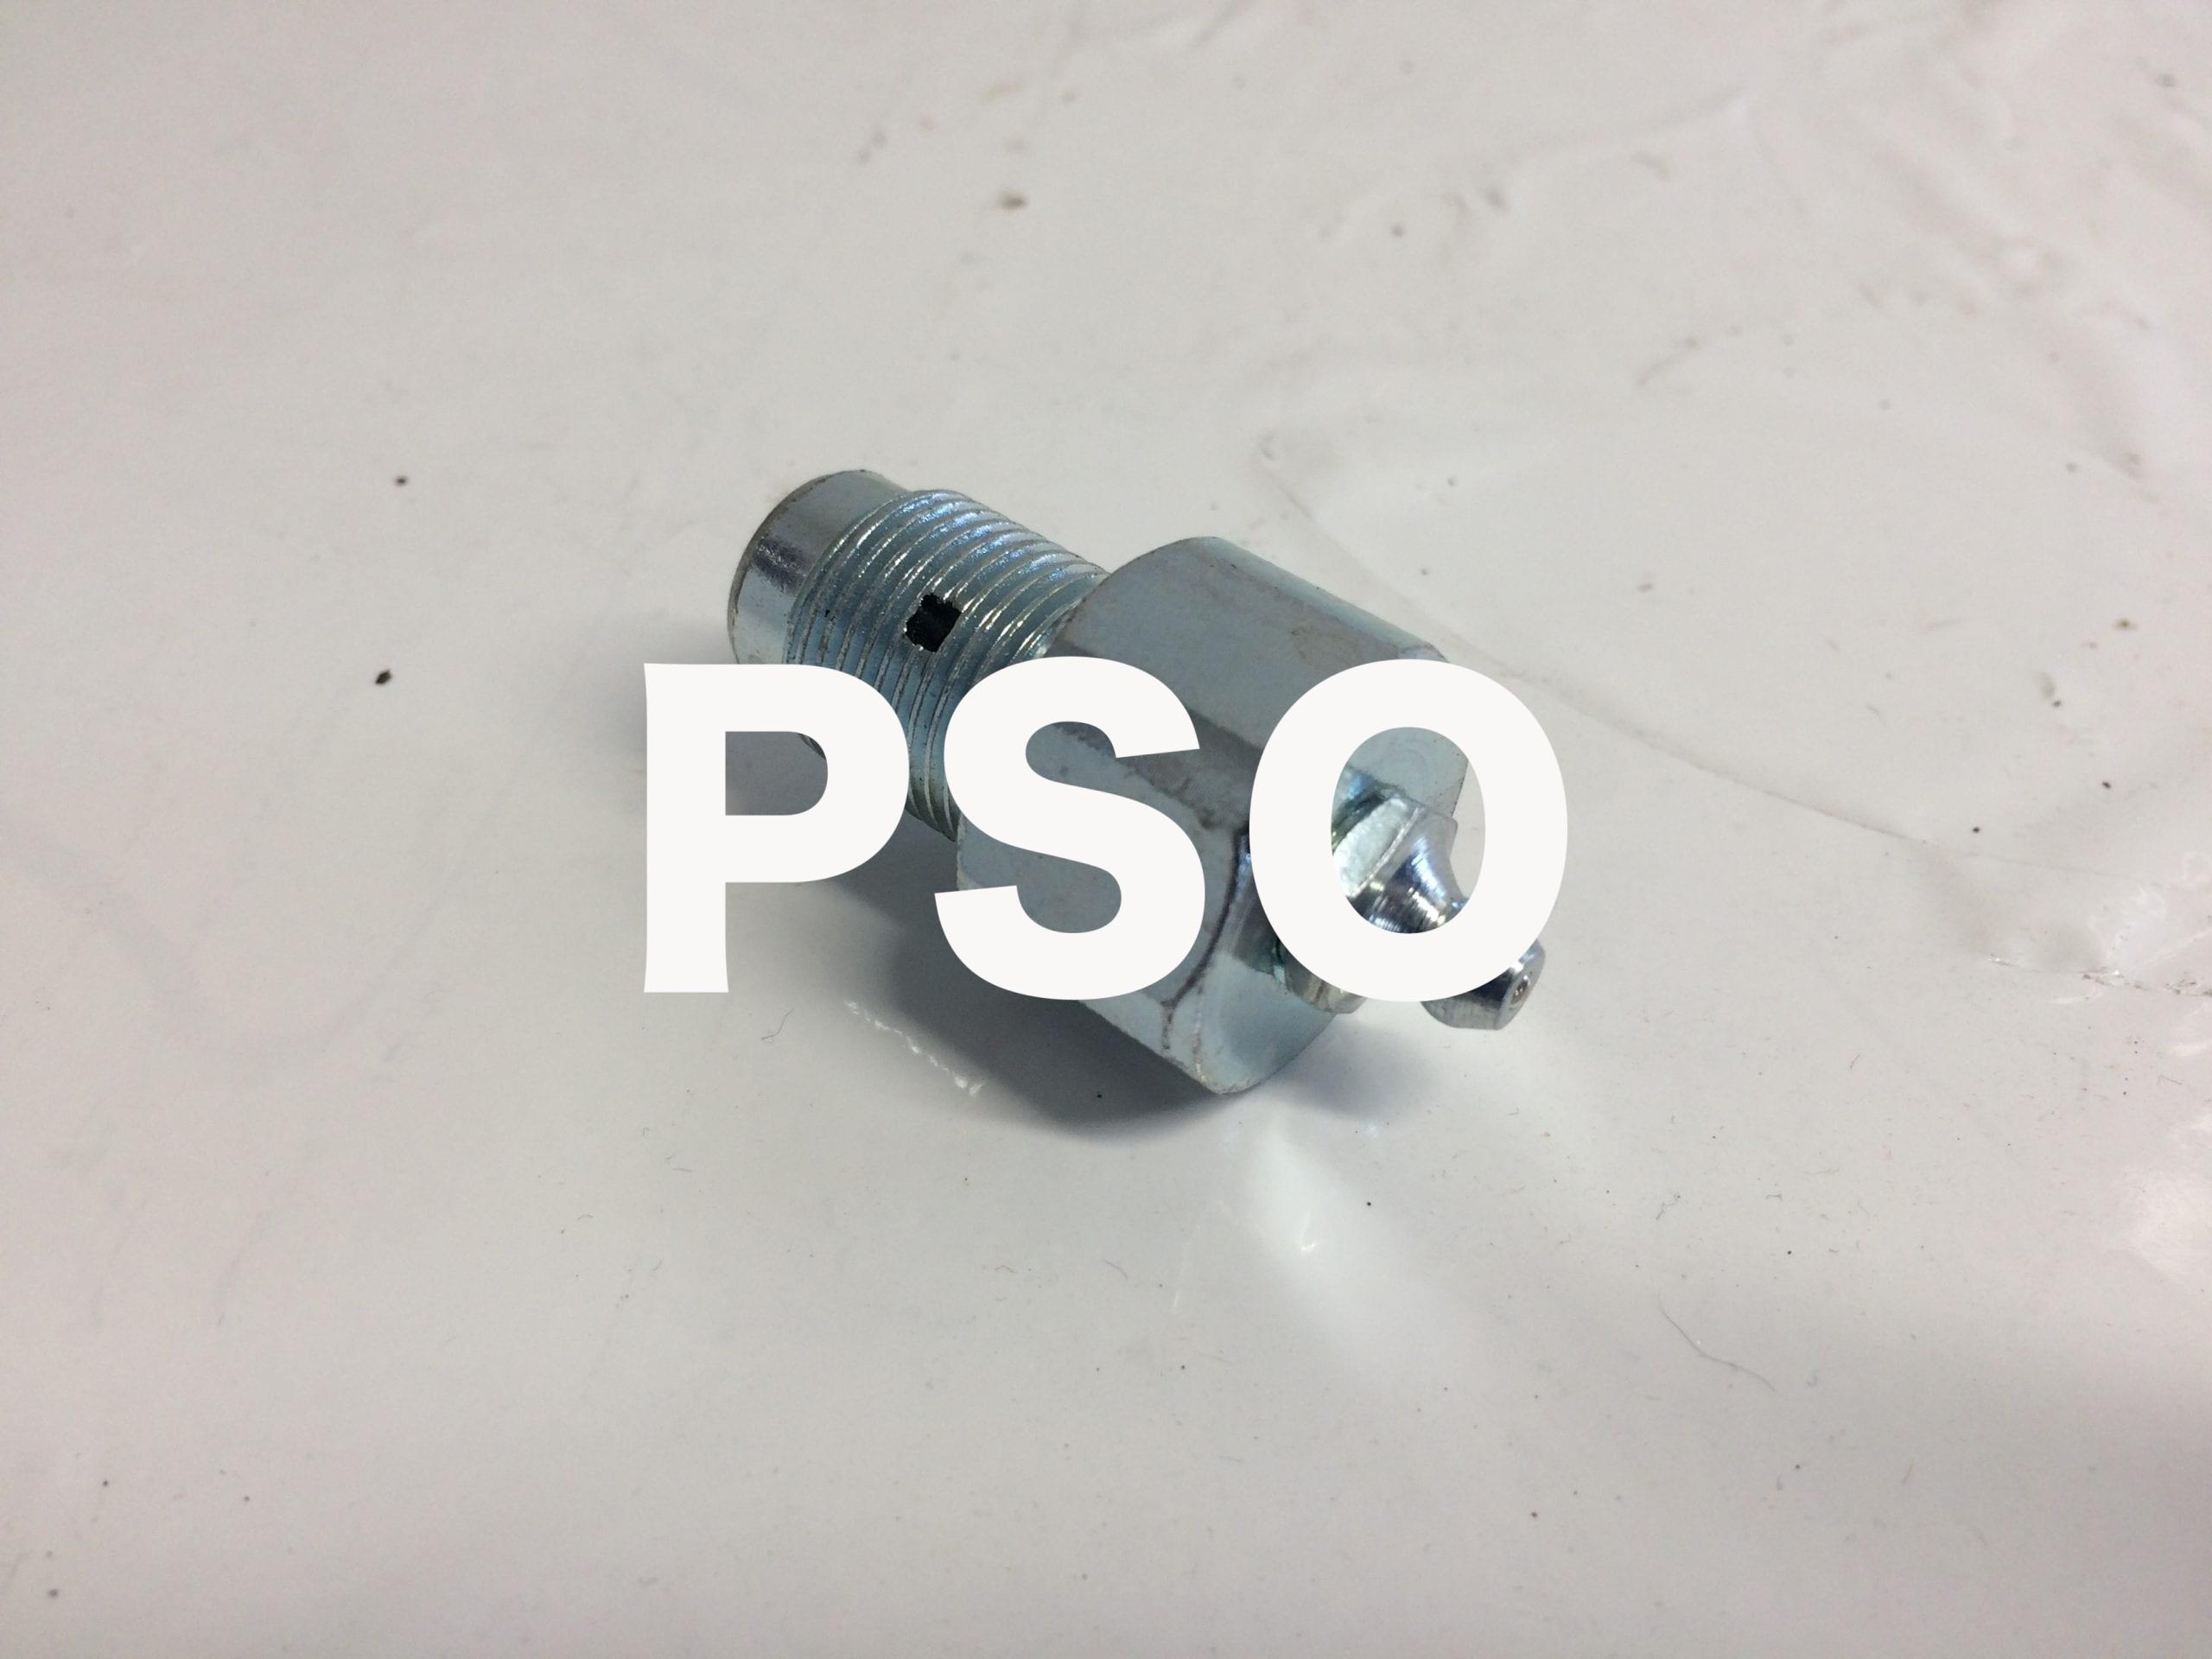 Track adjuster grease valve JCB 903/21171 - Plant Spares